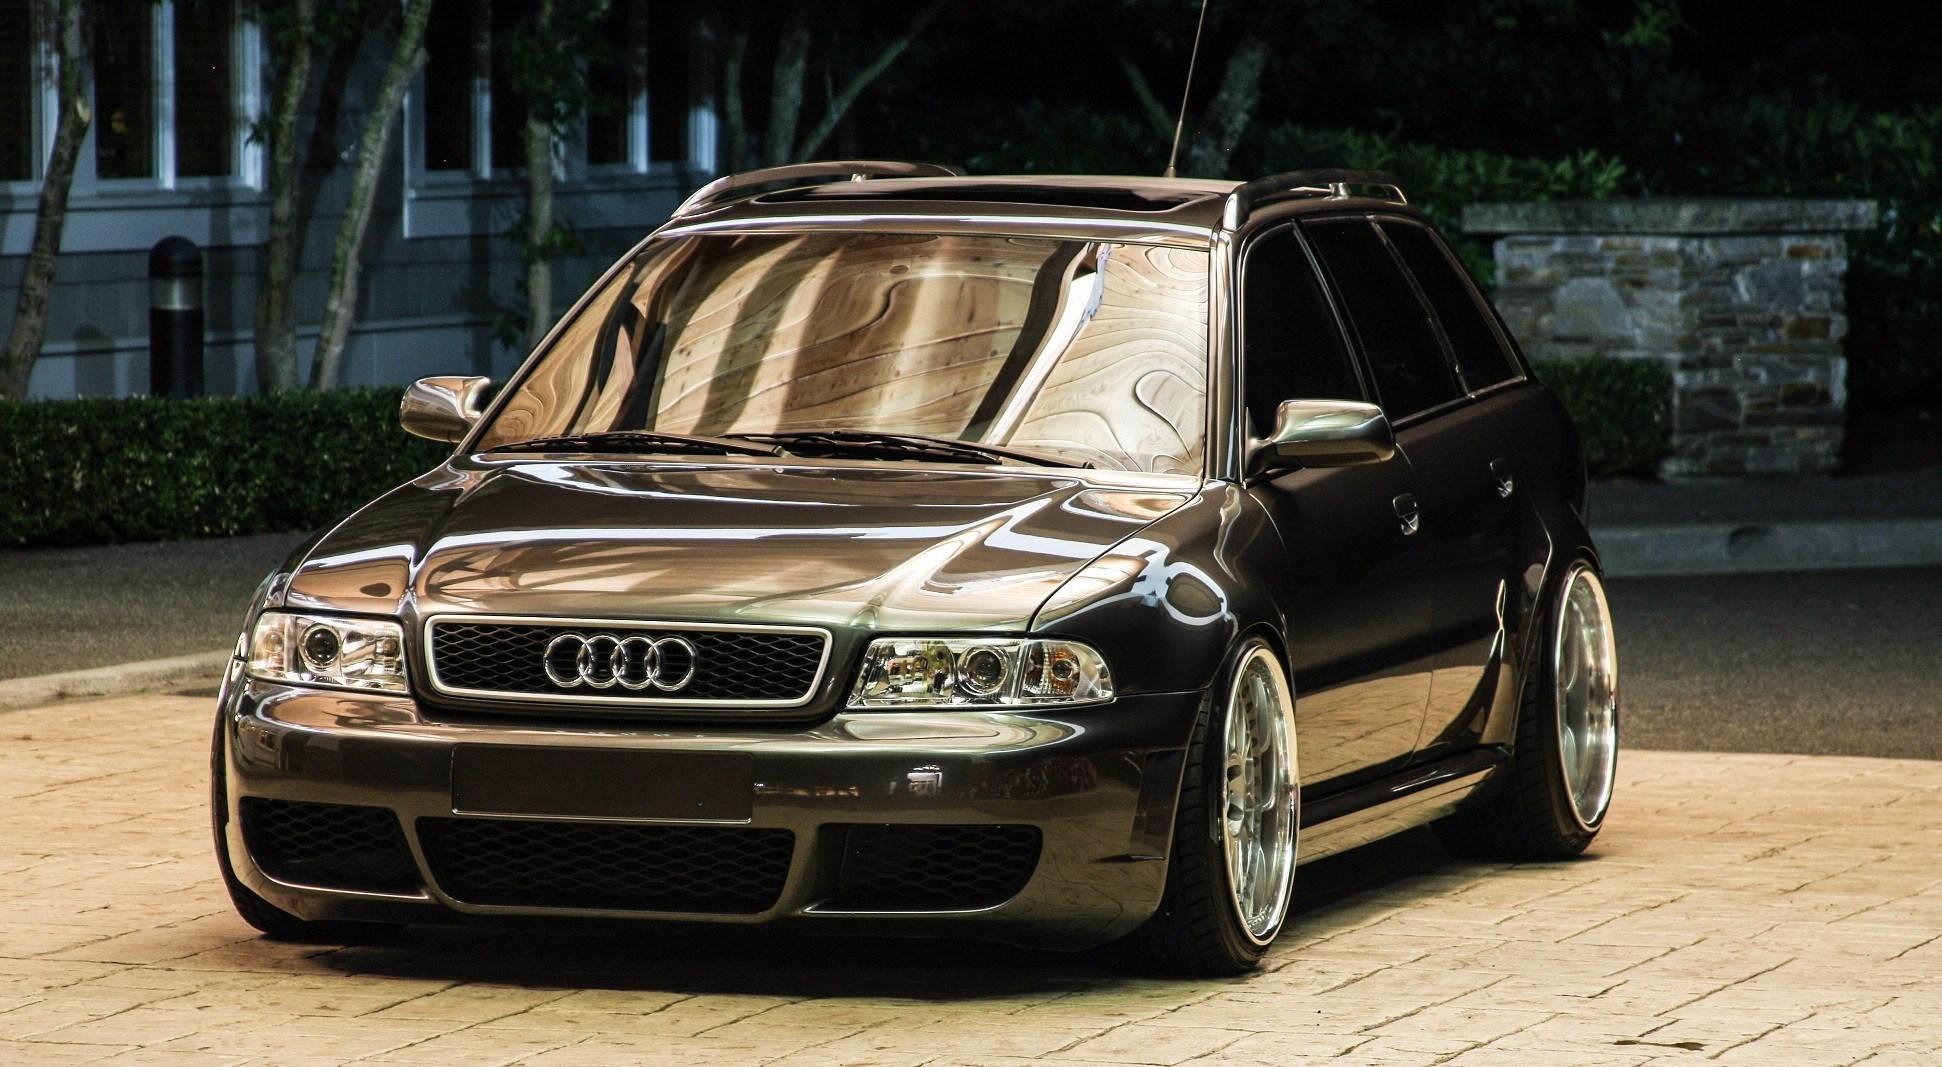 Kelebihan Kekurangan Audi B5 Perbandingan Harga